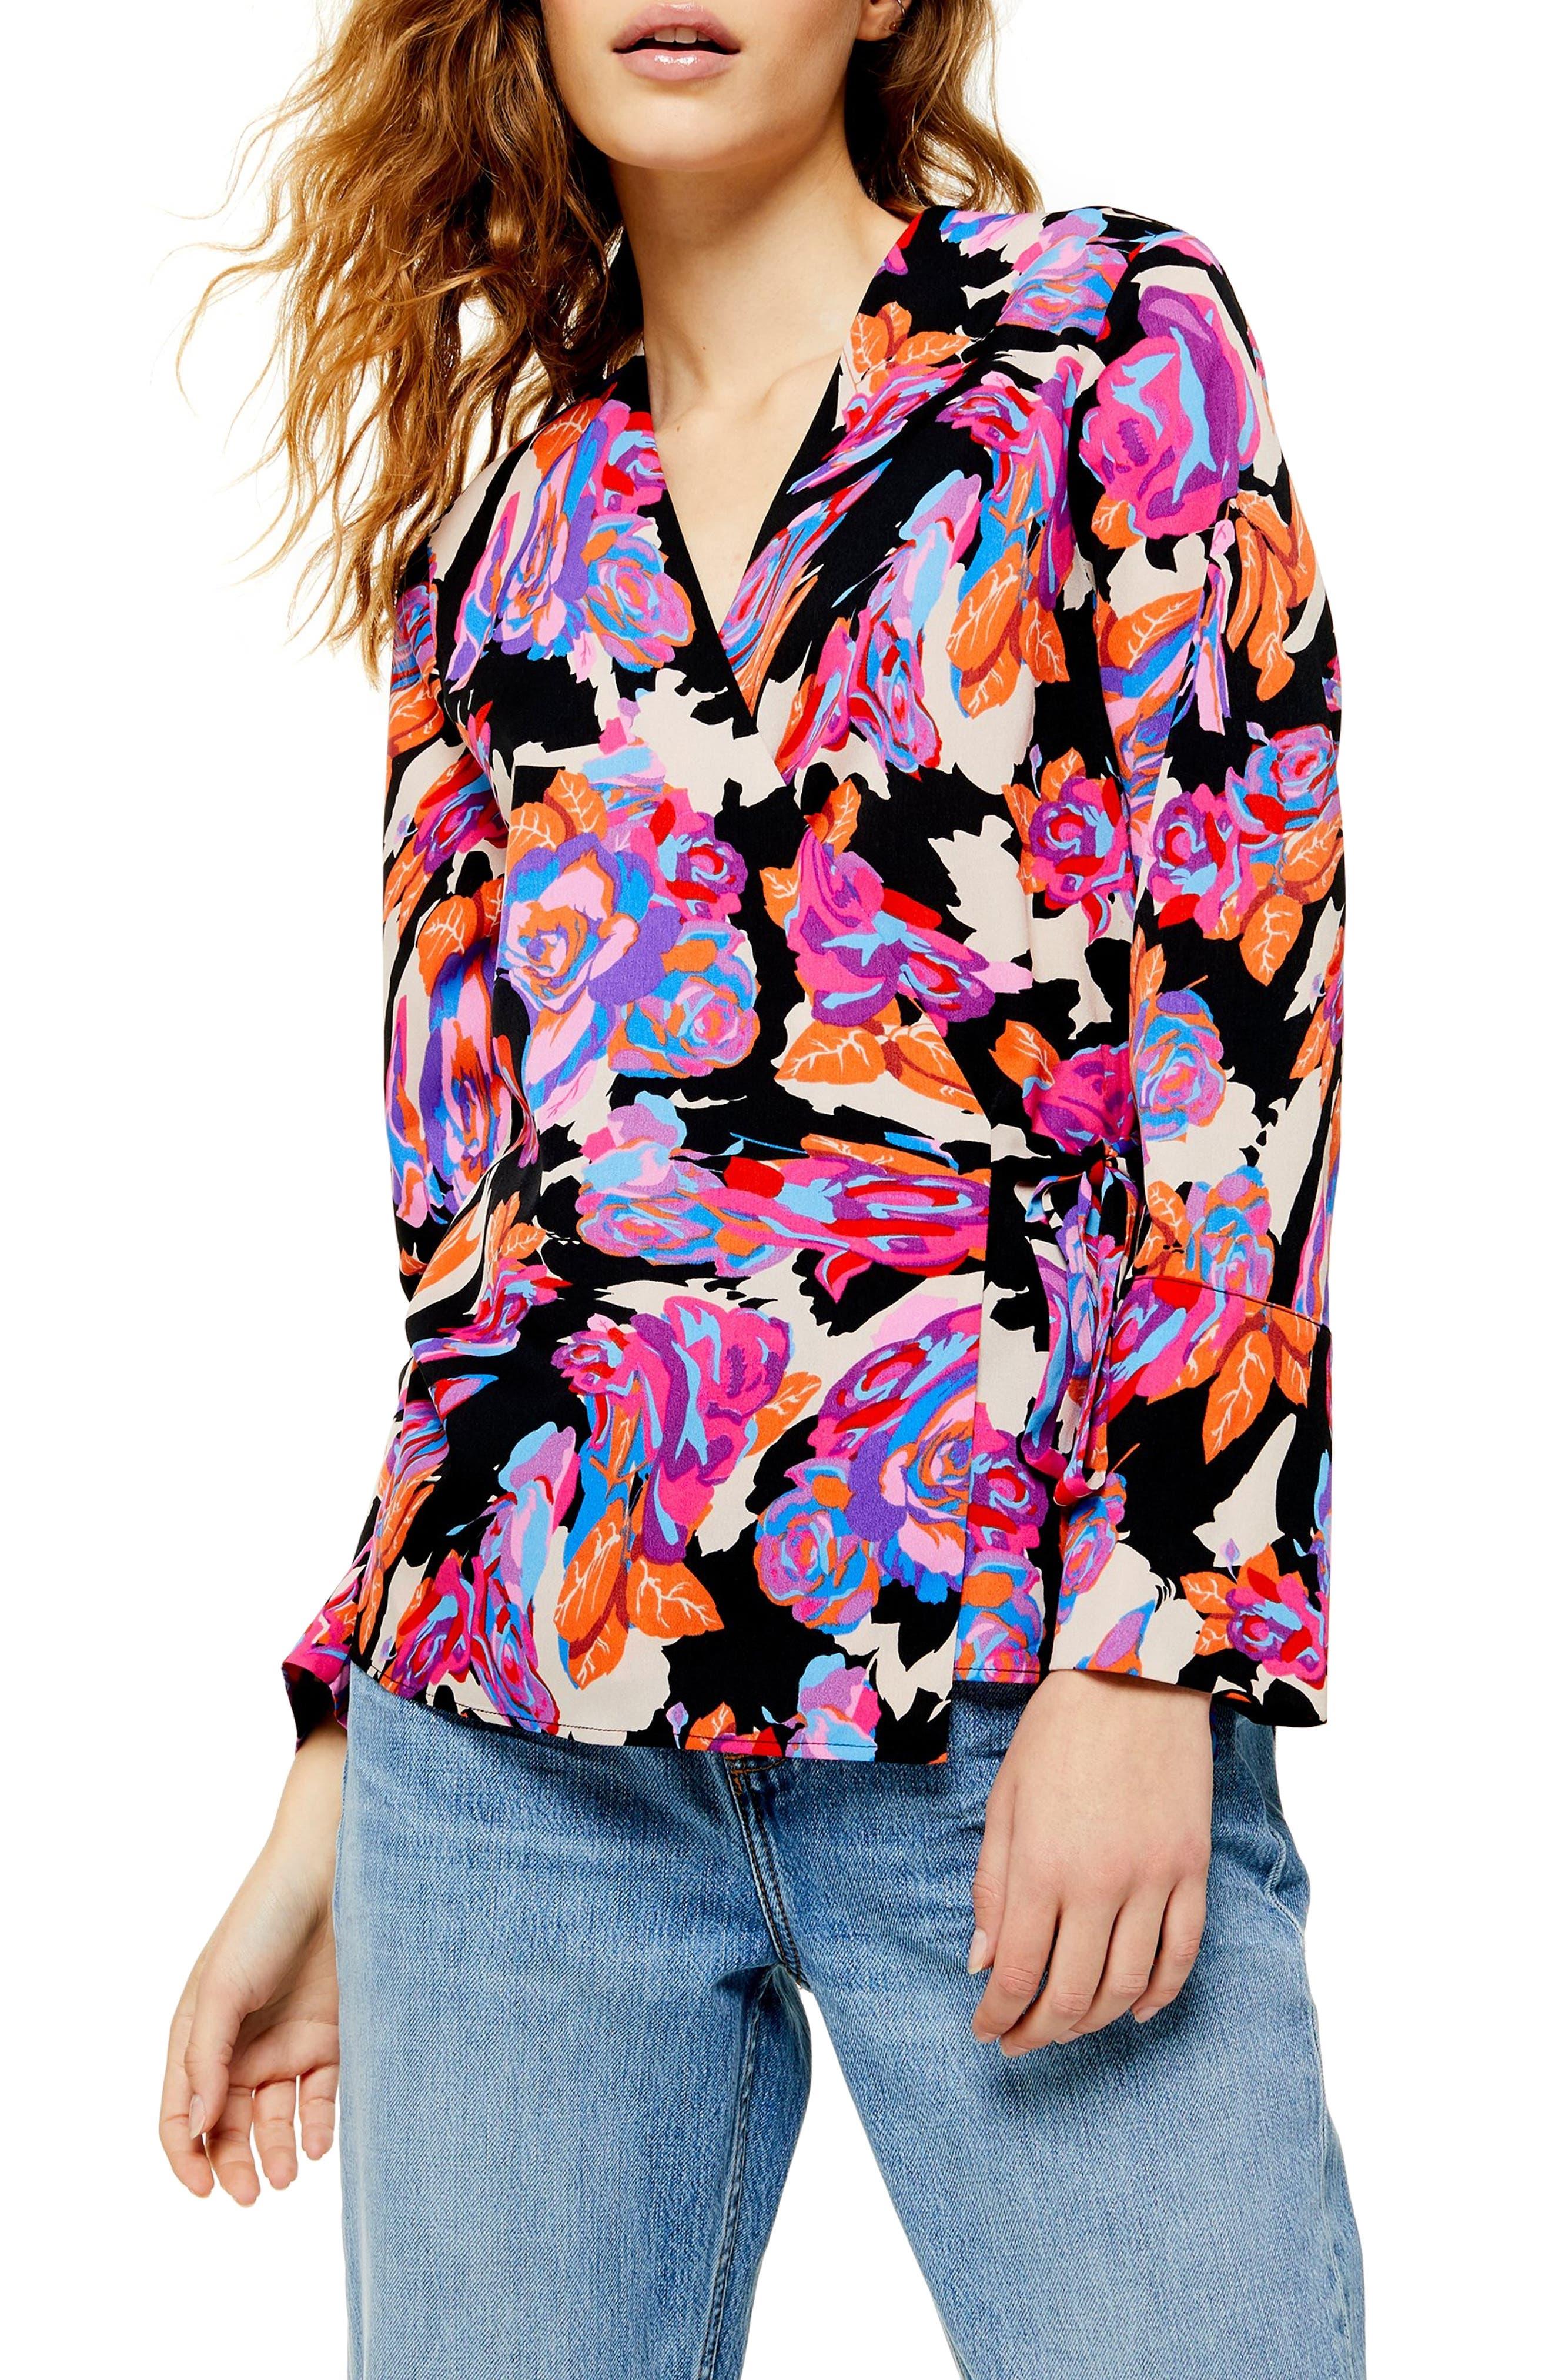 60s Shirts, T-shirt, Blouses | 70s Shirts, Tops, Vests Womens Topshop Floral Tie Wrap Blouse $60.00 AT vintagedancer.com